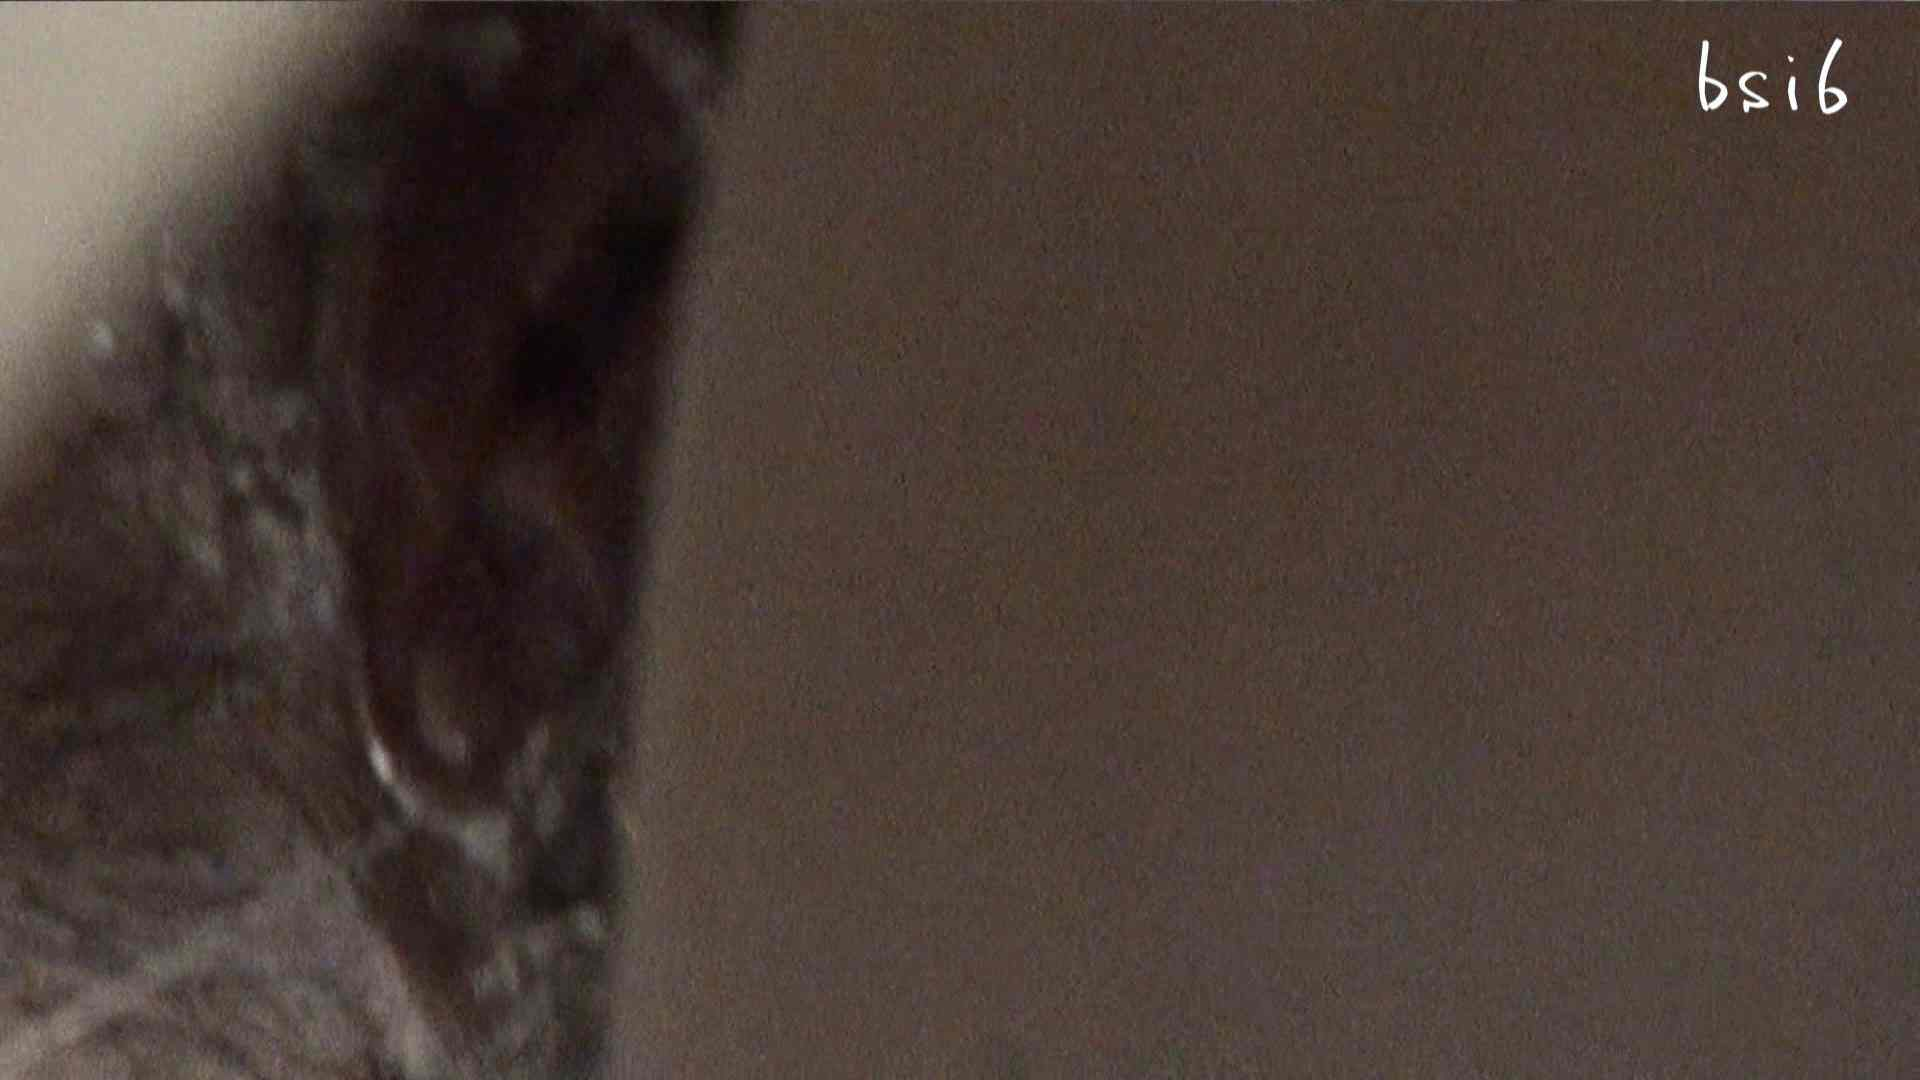 至高下半身盗撮-PREMIUM-【院内病棟編 】 vol.06 エロティックなOL  107画像 104